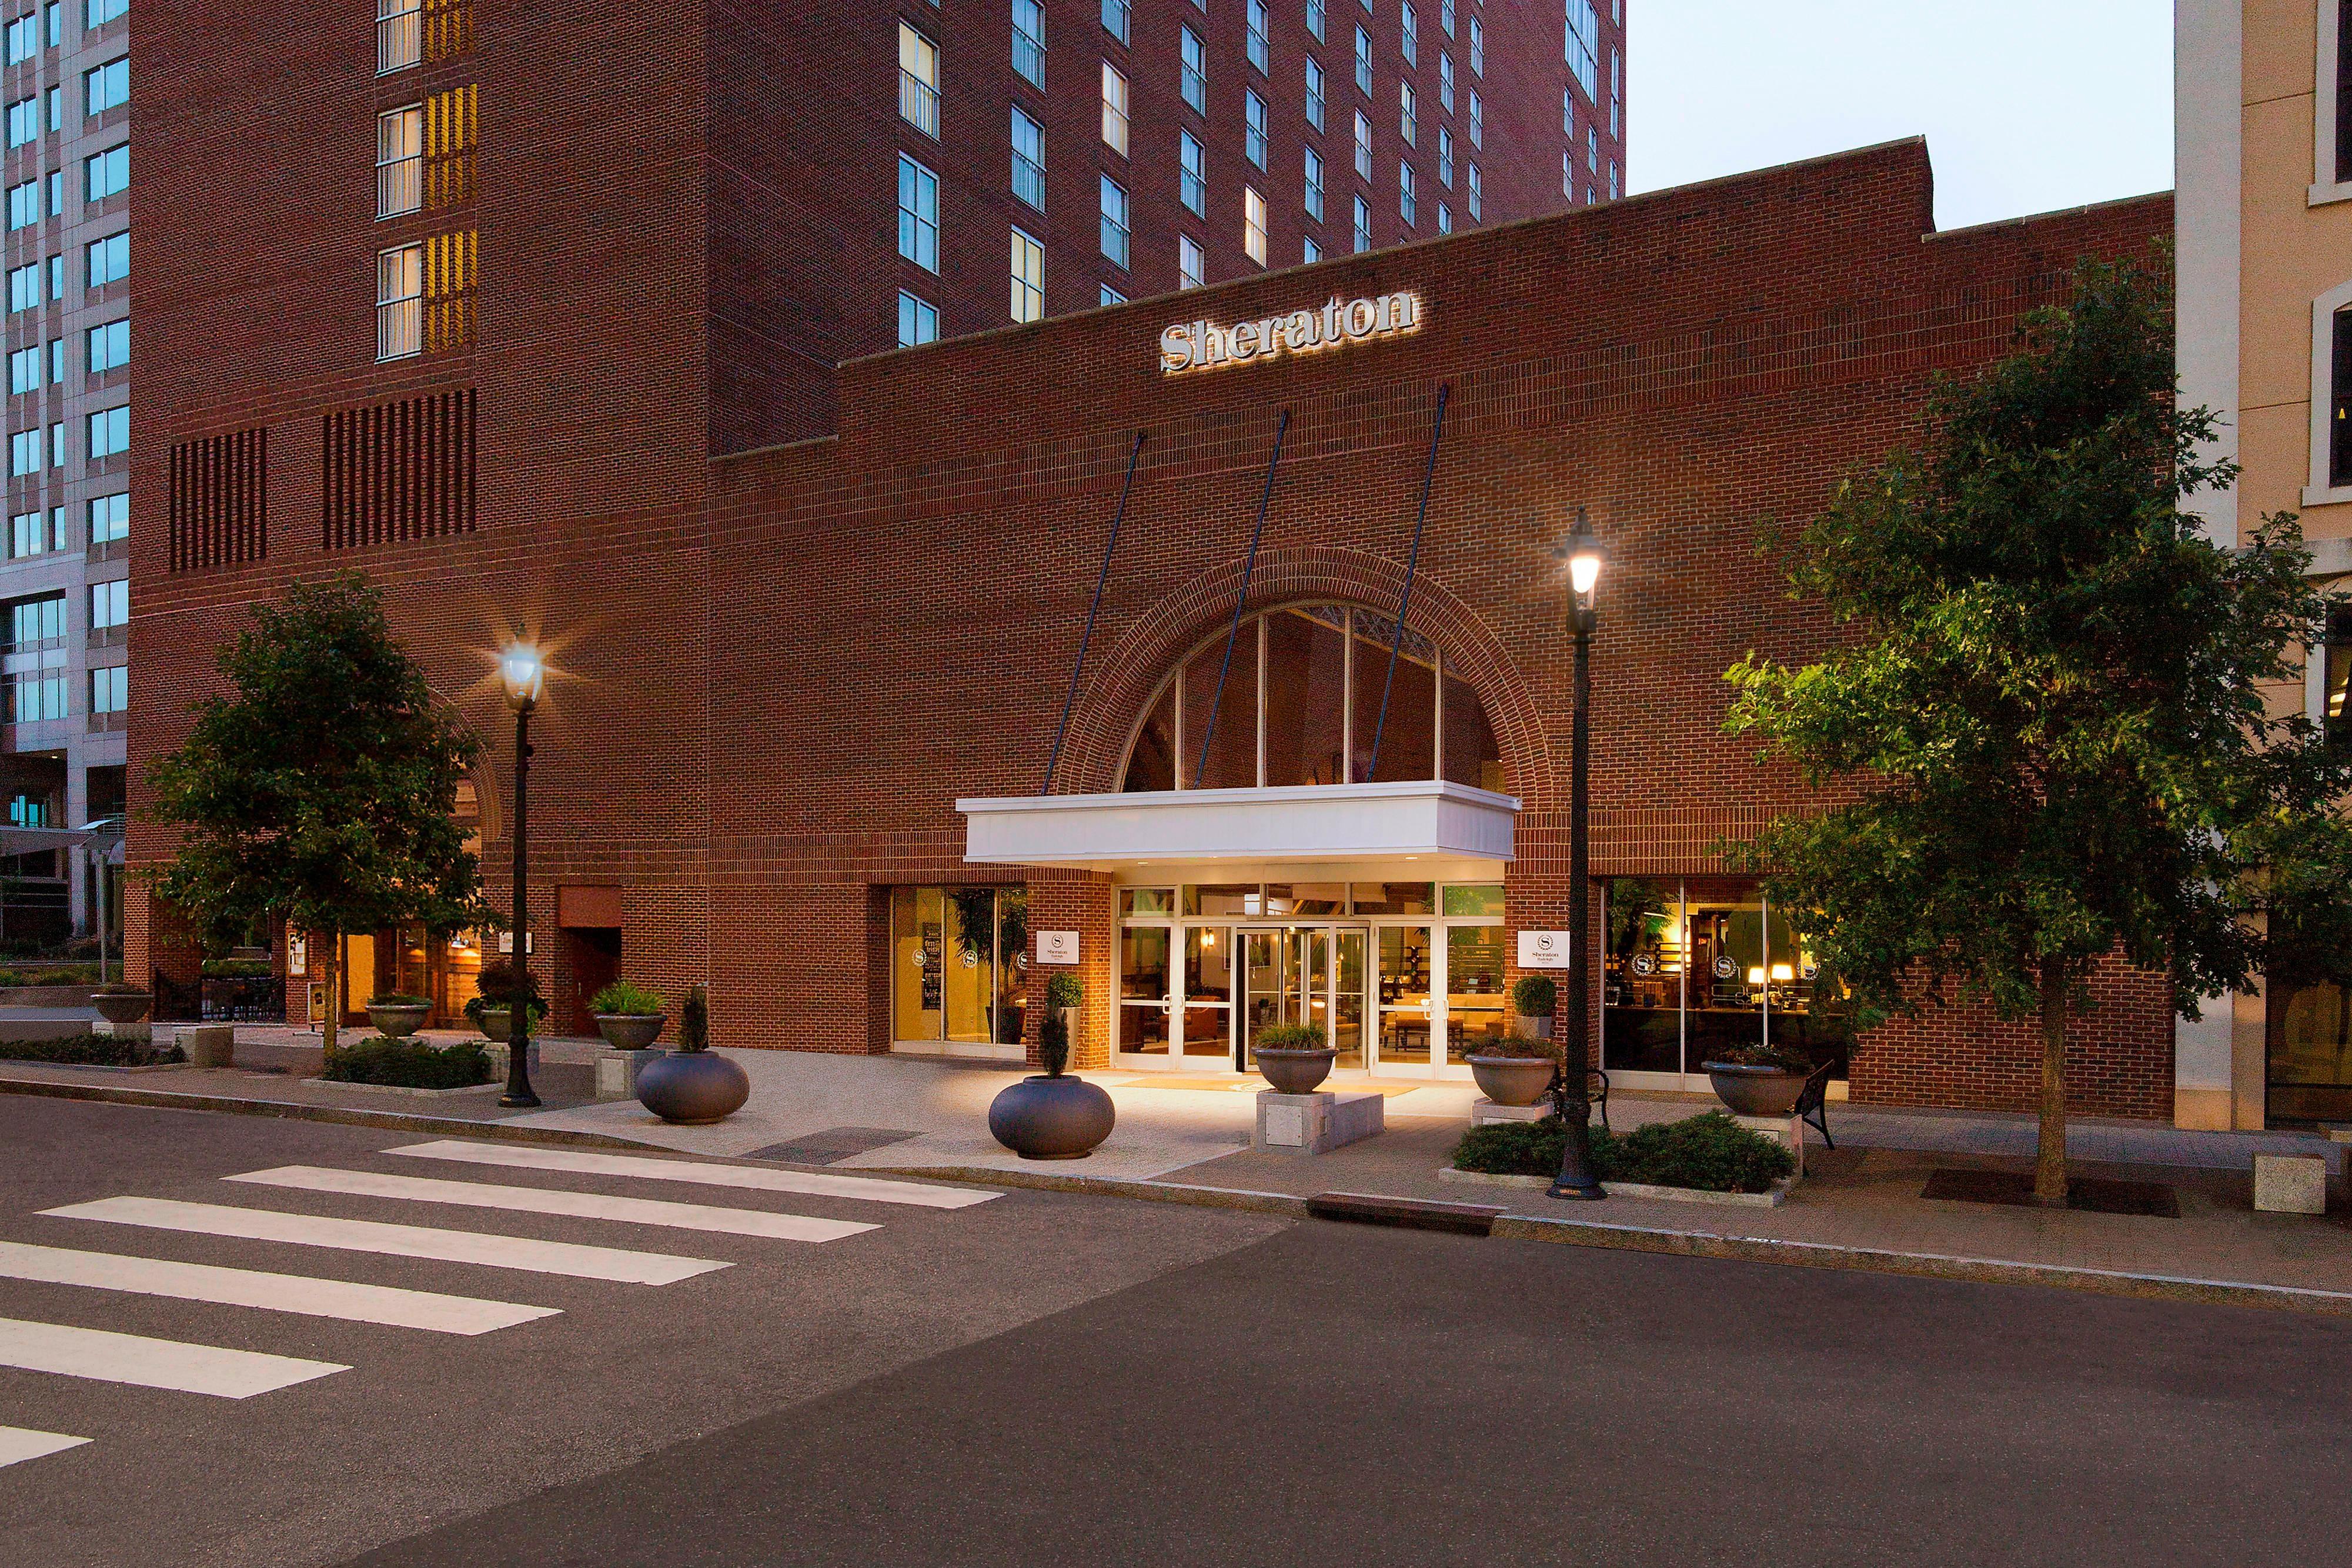 Fayetteville St Entrance